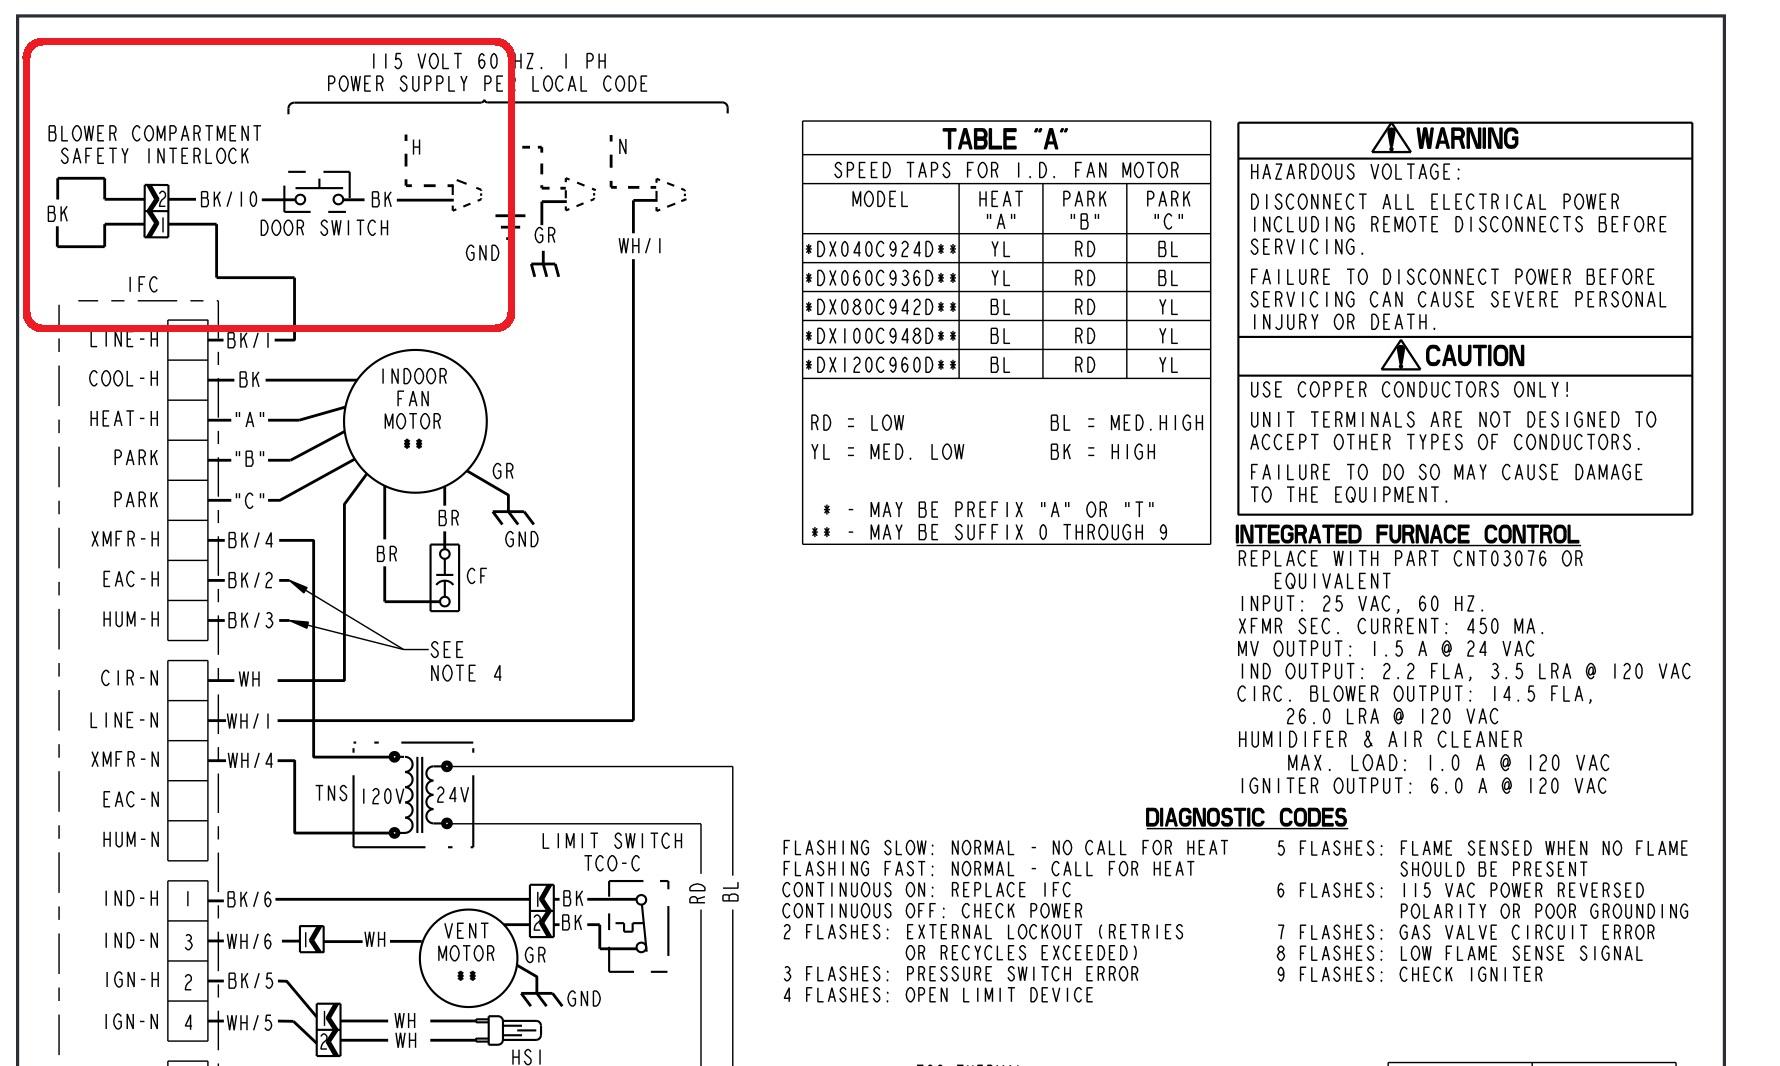 Trane Condensing Unit Wiring Diagram - Wiring Block Diagram - Trane Thermostat Wiring Diagram